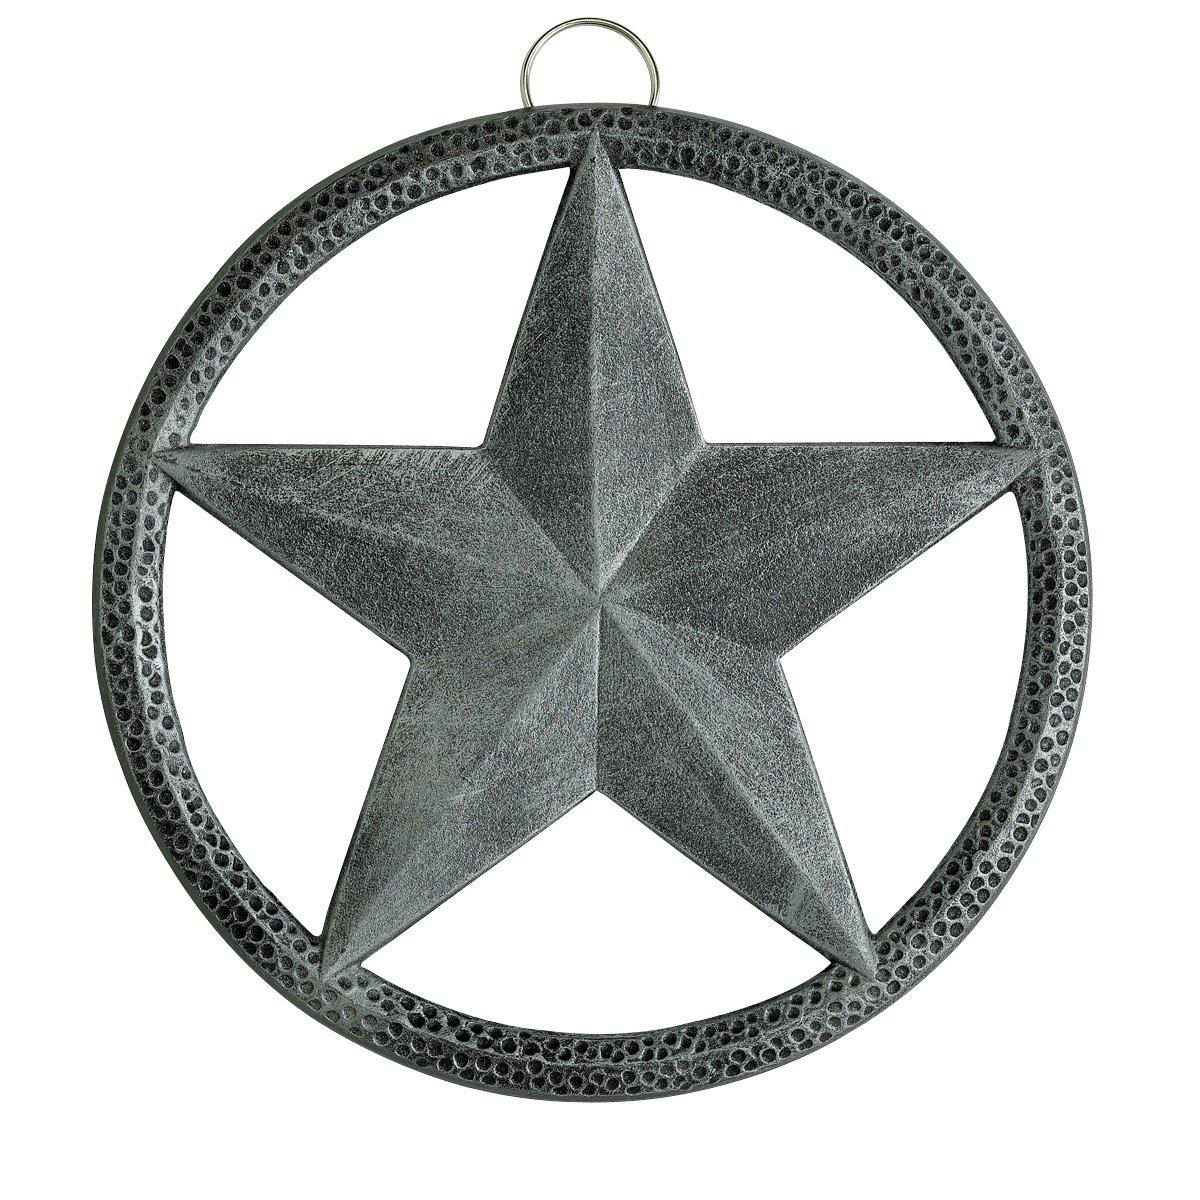 Old Dutch Round Star Trivet, 8-Inch, Antique Pewter